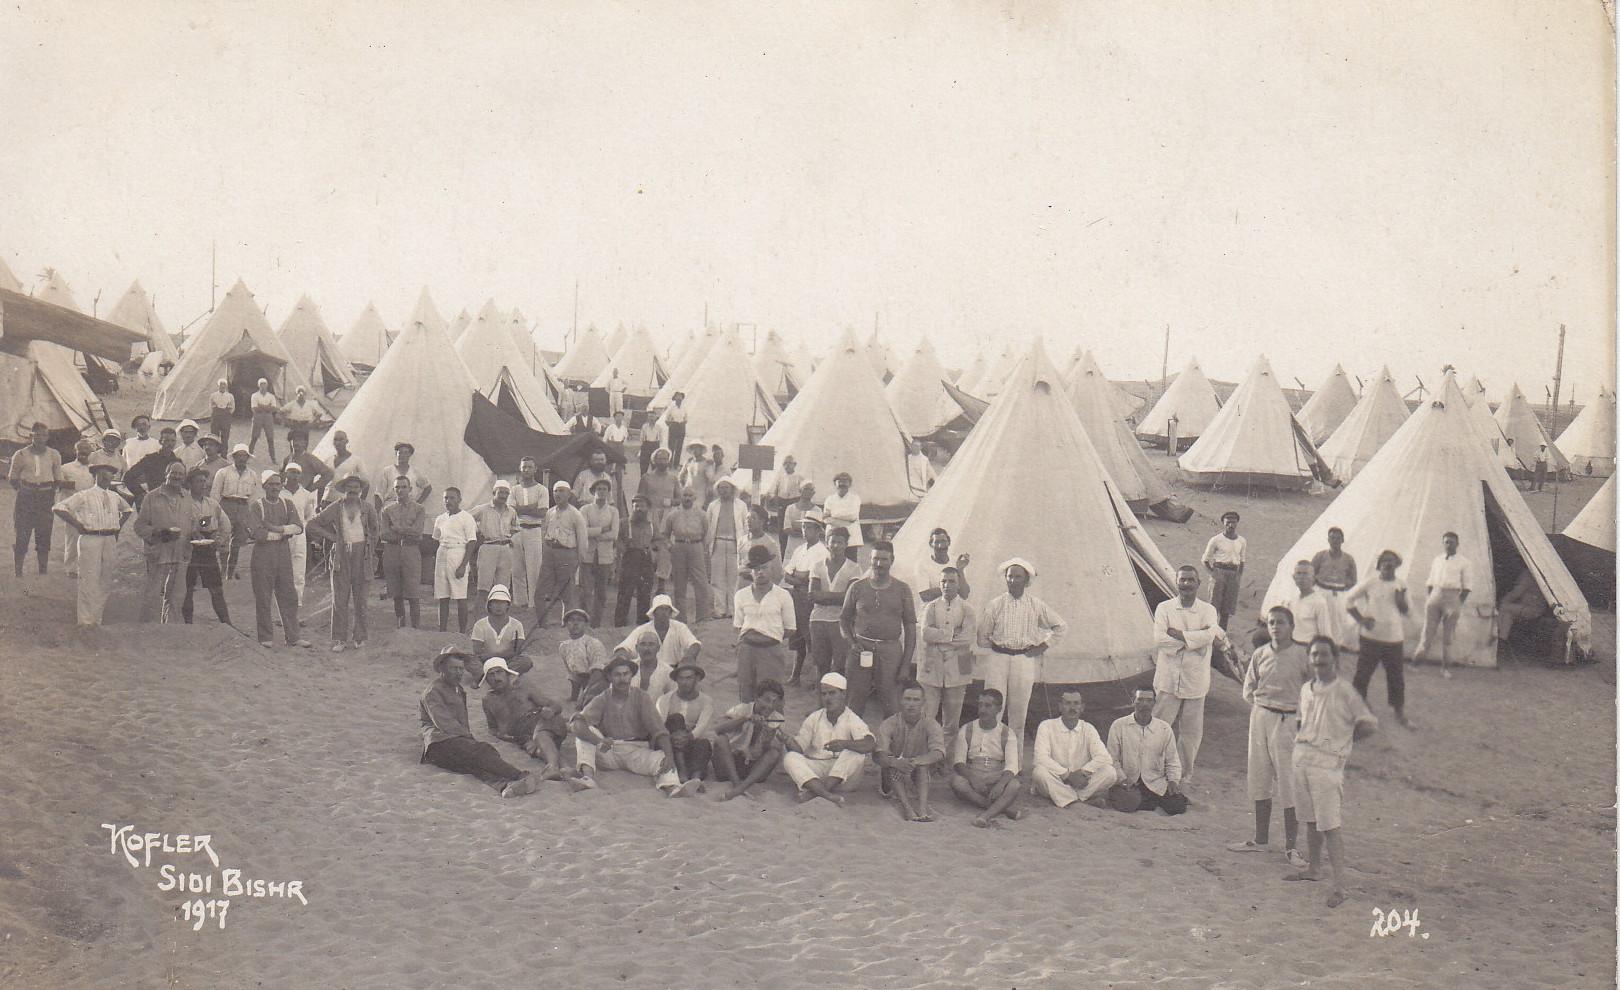 Spitzzelte in Sidi Bishr - Aufnahme Kofler 204 1917